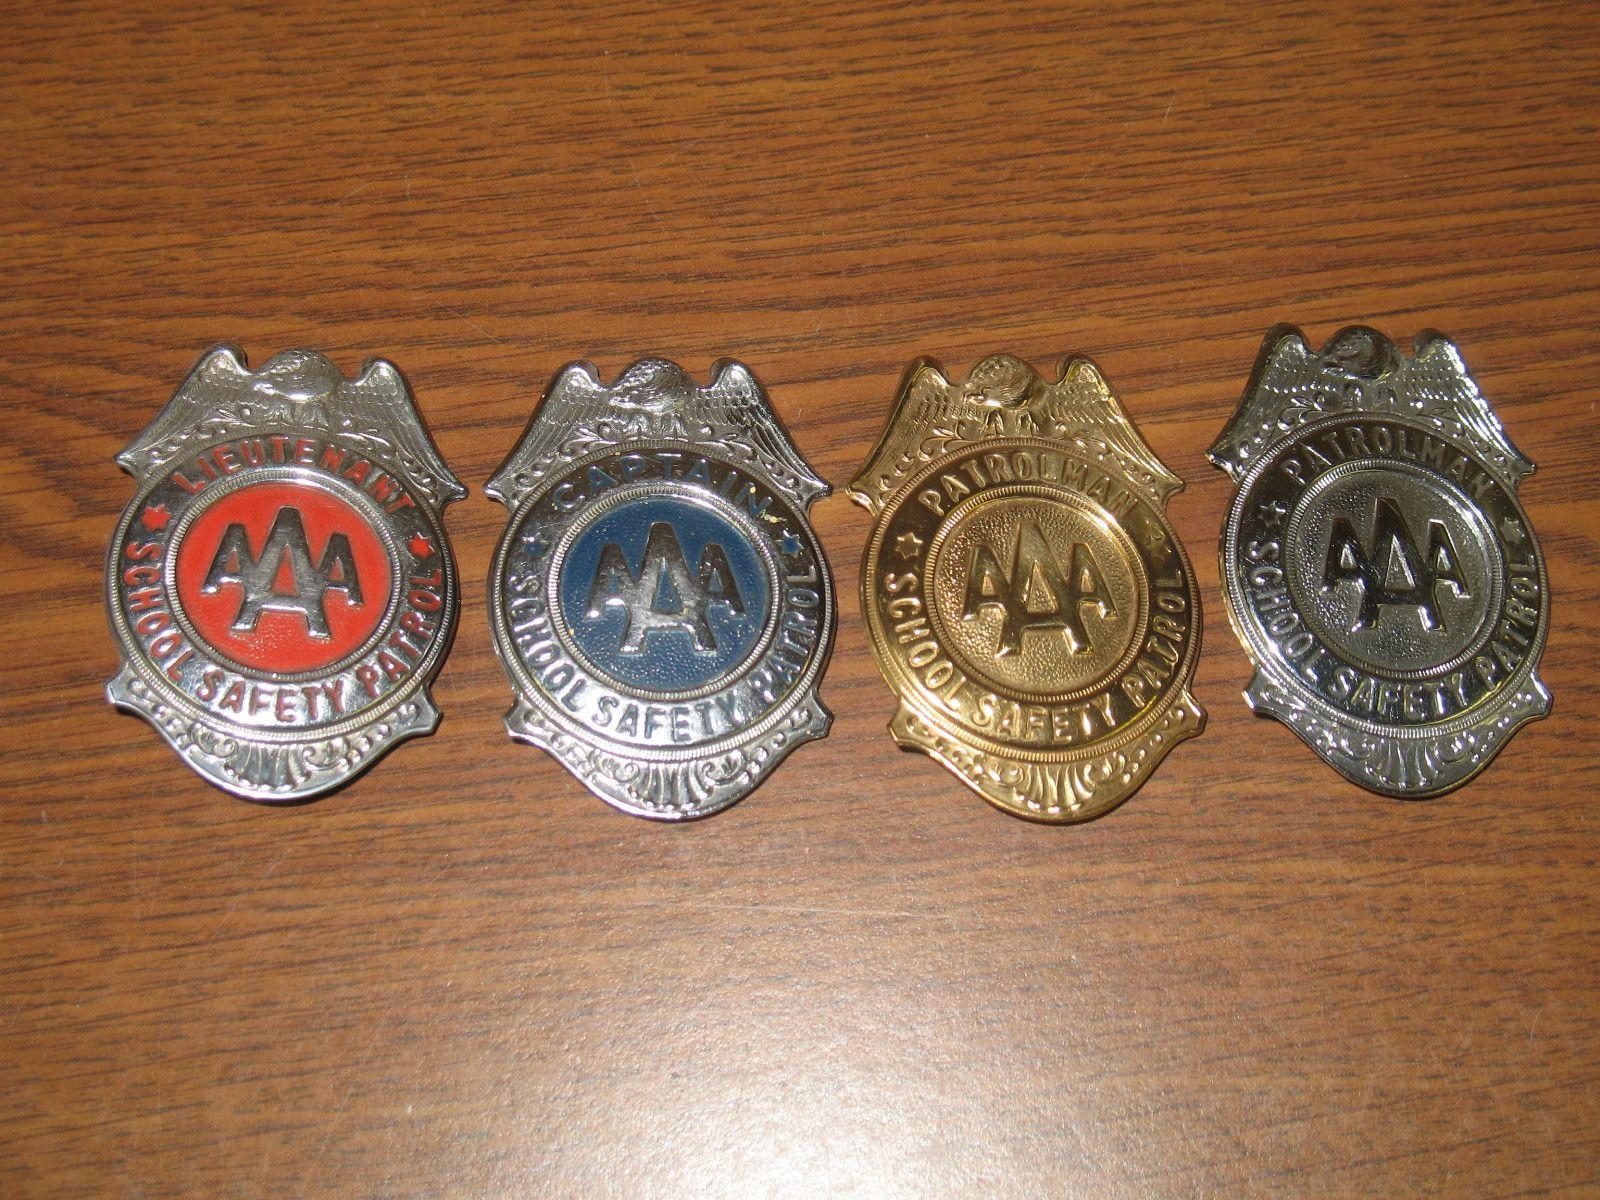 4 AAA School Safety Patrol Badges